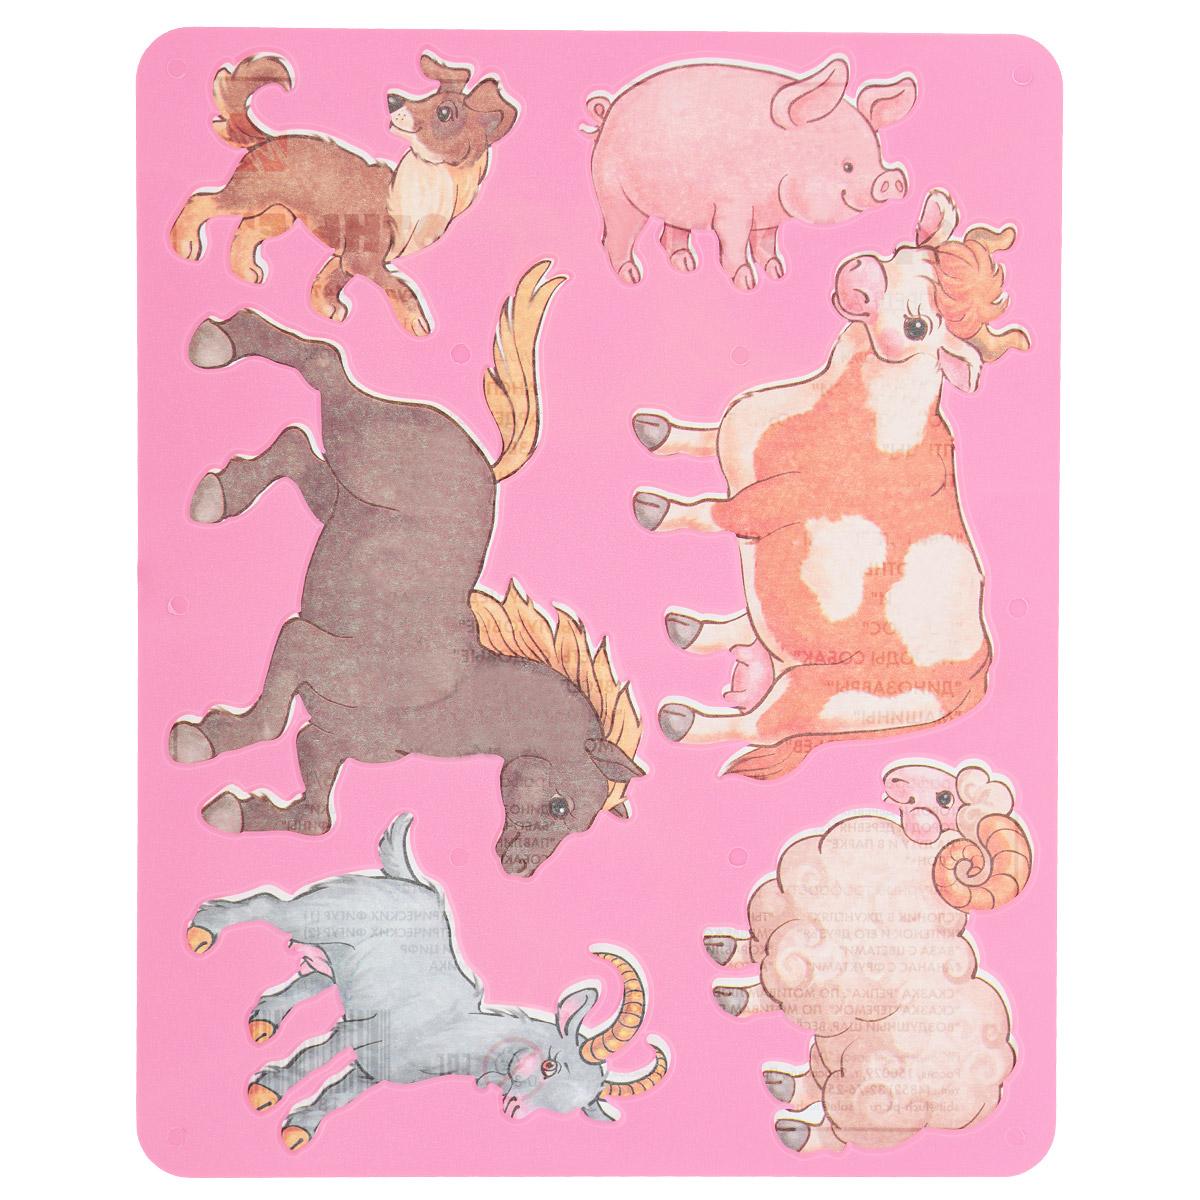 Трафарет прорезной Луч Домашние животные9С 447-08Трафарет Луч Домашние животные, выполненный из безопасного пластика, предназначен для детского творчества. По трафарету маленький художник сможет нарисовать такие виды домашних животных, как корову, лошадь, собаку, свинью, овечку и козу. Для этого необходимо положить трафарет на лист бумаги, обвести фигуру по контуру и раскрасить по своему вкусу или глядя на цветную картинку-образец. Трафареты предназначены для развития у детей мелкой моторики и зрительно-двигательной координации, навыков художественной композиции и зрительного восприятия.